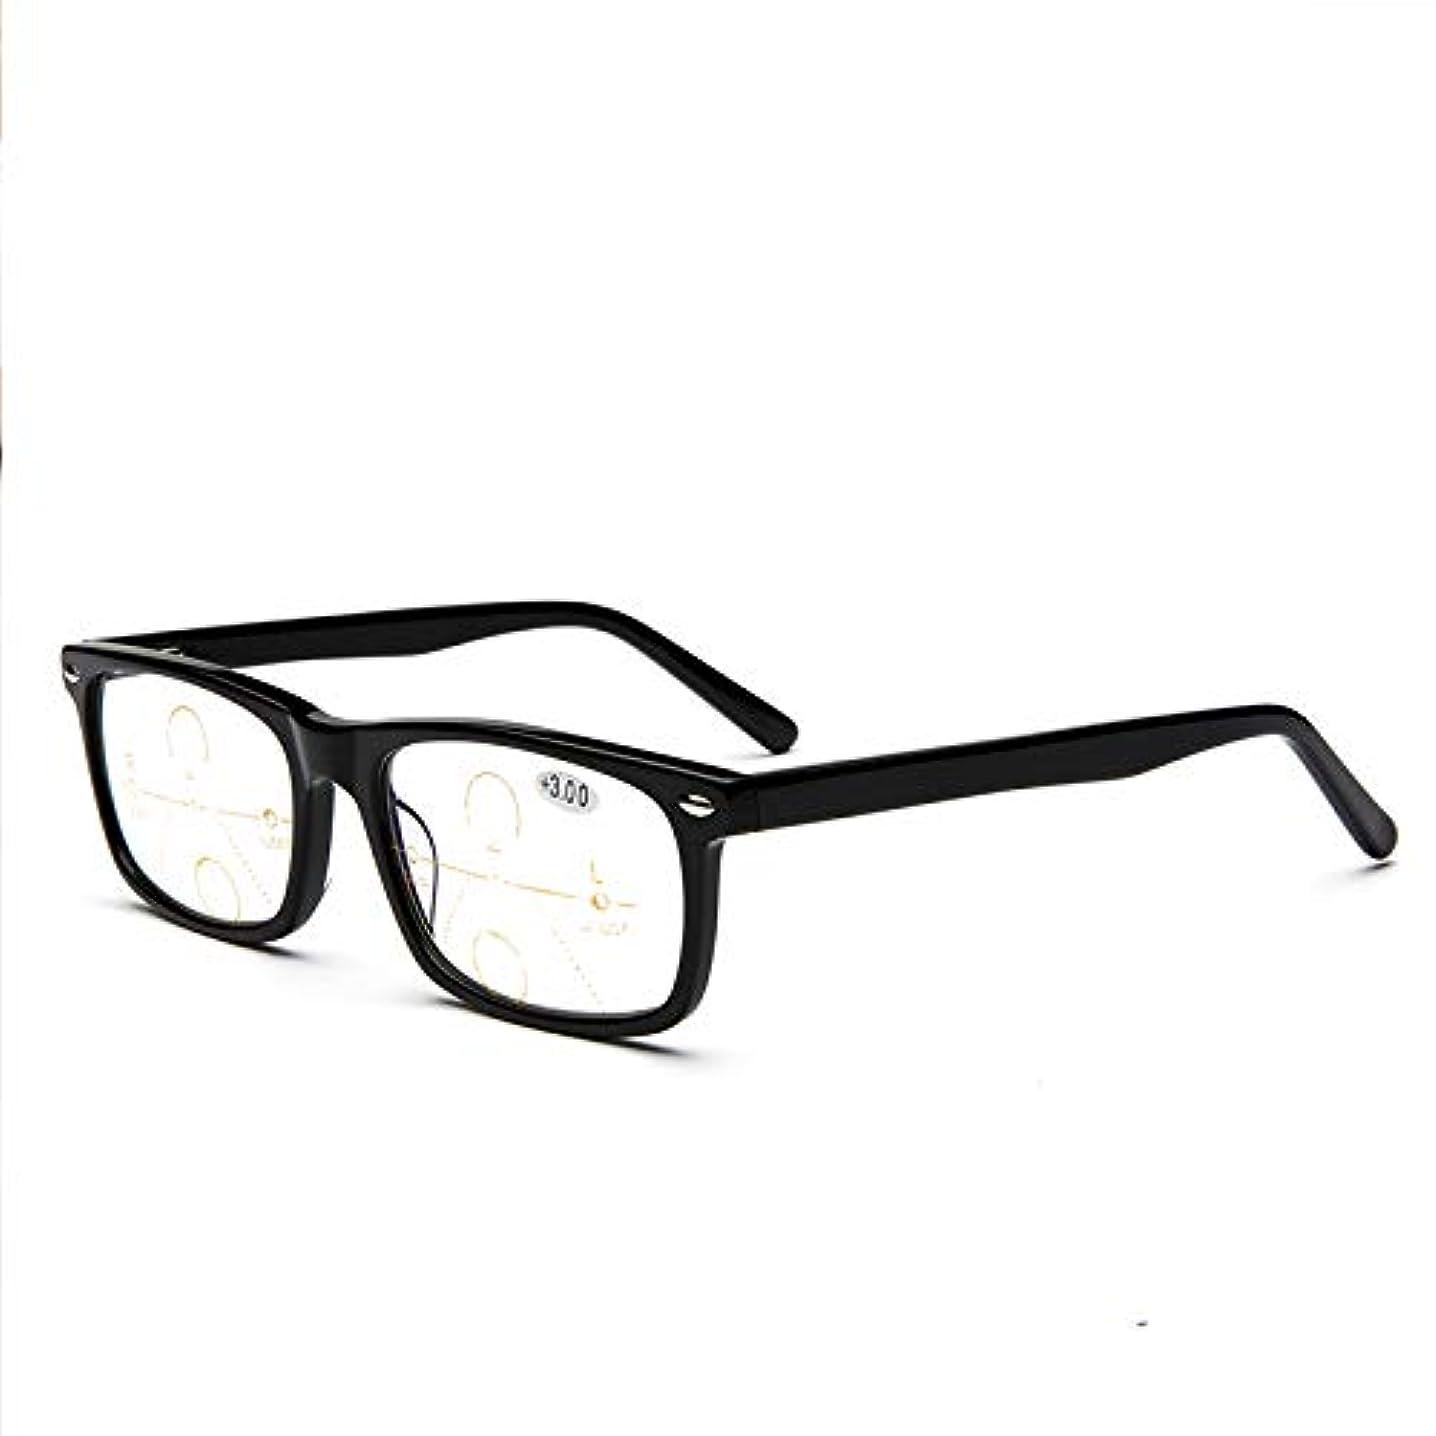 露骨な眉をひそめる純粋なオートズーム老眼鏡、処方箋なしの光学アイウェア、遠近両用のHDサンリーダー、アウトドアカラーチェンジ、男性および女性用